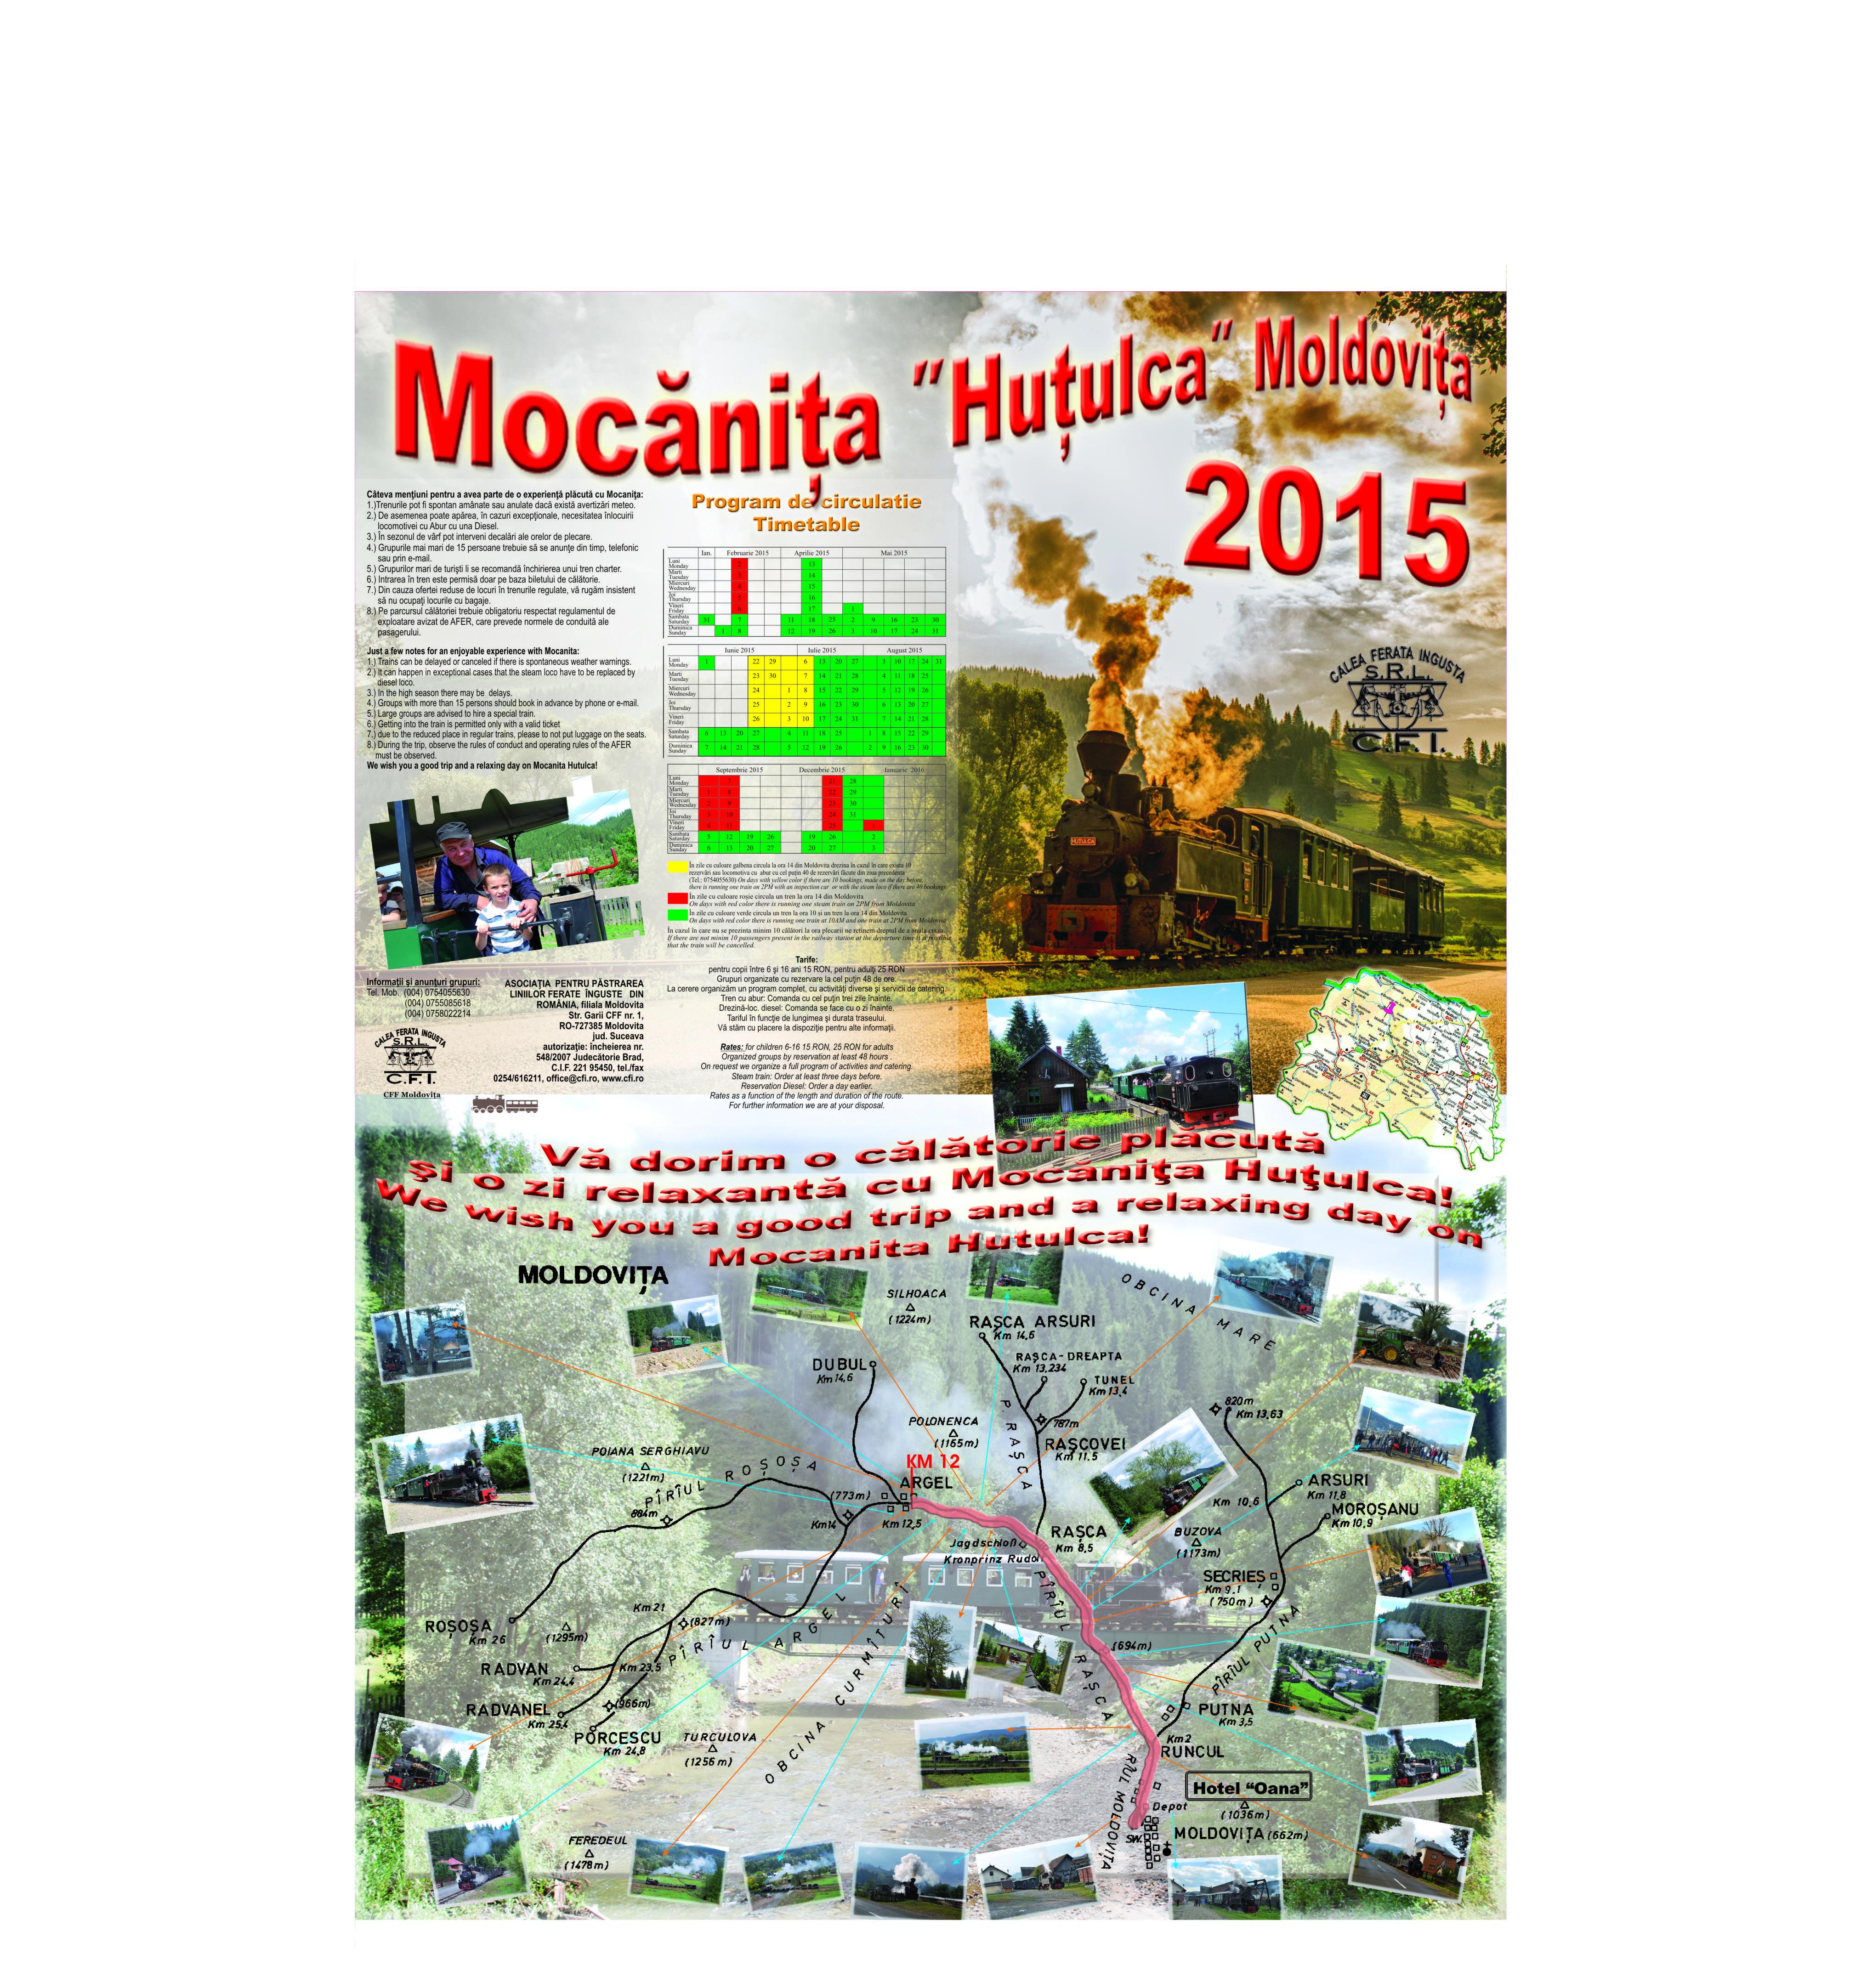 plakat-a2_26-01-2015.jpg